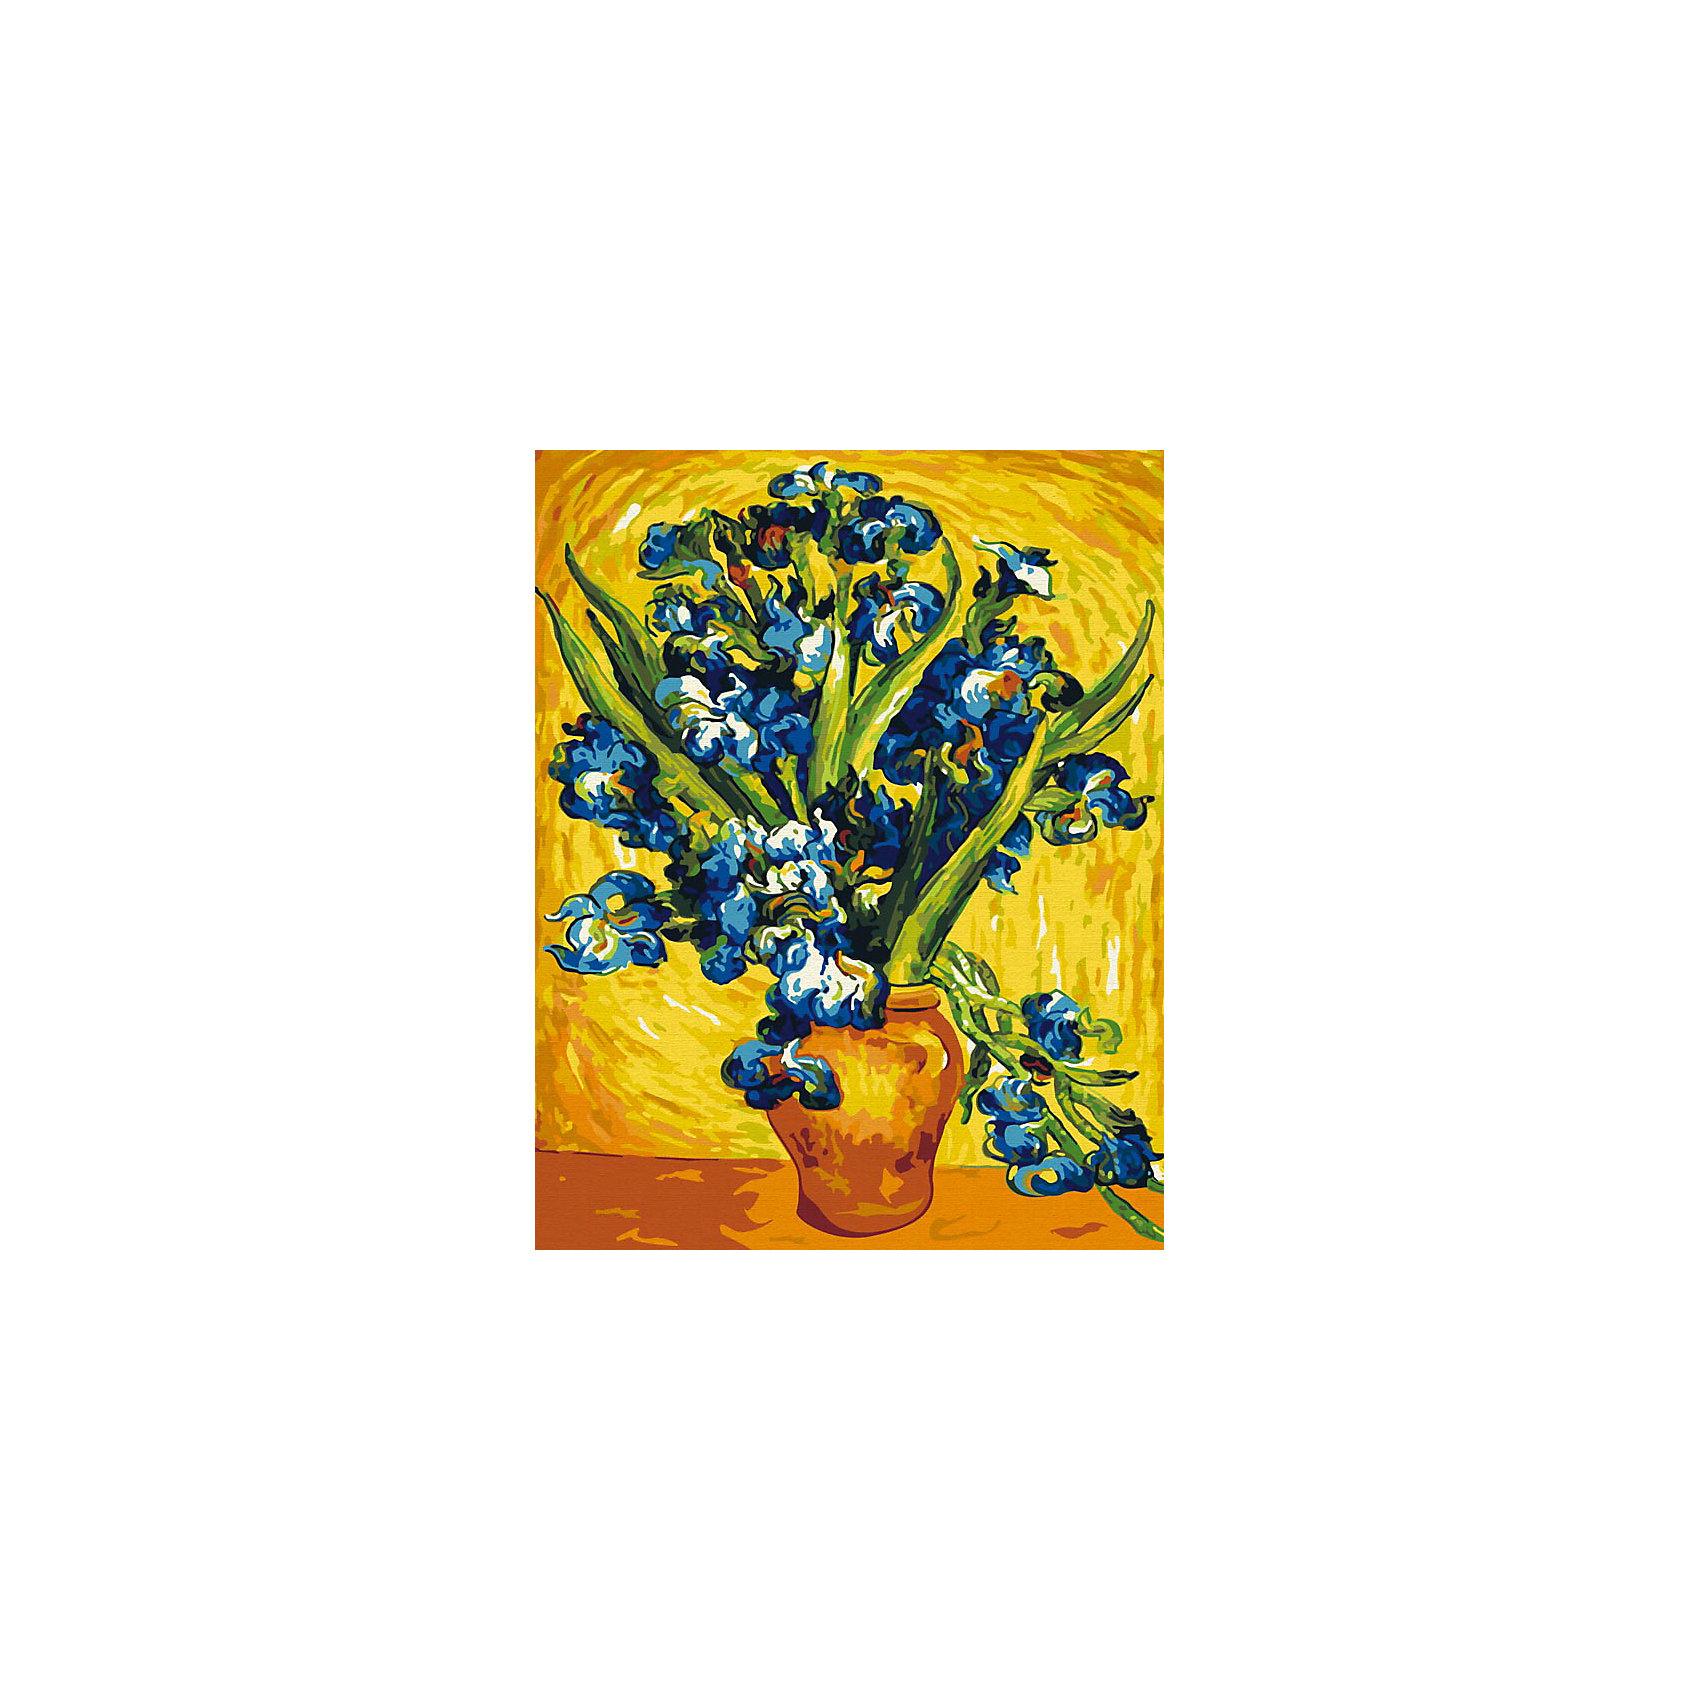 Живопись на холсте Ирисы Ван Гог, 40*50 смРаскраски по номерам<br>Живопись на холсте Ирисы Ван Гог, 40*50 см<br><br>Характеристики:<br><br>• Вес: 567<br>• Размер: 40х50<br>• Краски: акриловые, быстросохнущие<br>• Количество цветов: 23<br>• В наборе: холст на подрамнике, настенное крепление, контрольный лист с рисунком, 23 краски, 3 кисти<br><br>Данный набор позволит любому человеку ощутить себя профессиональным художником. В комплект входит холст с нанесенным на него рисунком по номерам, акриловые краски на водной основе, специальный контрольный лист, предотвращающий ошибки и 3 удобные кисти разных размеров. <br><br>Рисовать на холсте очень удобно, а благодаря номерам на картине и баночках с краской - это совсем просто. Цвета ложатся ровным слоем, перекрывая нанесенный рисунок. Если вы боитесь, что где-то ошиблись – приложите контрольный лист, который полностью повторяет схему. Акриловые краски совершенно безопасны и не имеют запаха. А благодаря настенному креплению вы сможете повесить готовую работу.<br><br><br>Живопись на холсте Ирисы Ван Гог, 40*50 см можно купить в нашем интернет-магазине.<br><br>Ширина мм: 510<br>Глубина мм: 410<br>Высота мм: 250<br>Вес г: 567<br>Возраст от месяцев: 72<br>Возраст до месяцев: 2147483647<br>Пол: Унисекс<br>Возраст: Детский<br>SKU: 5500373